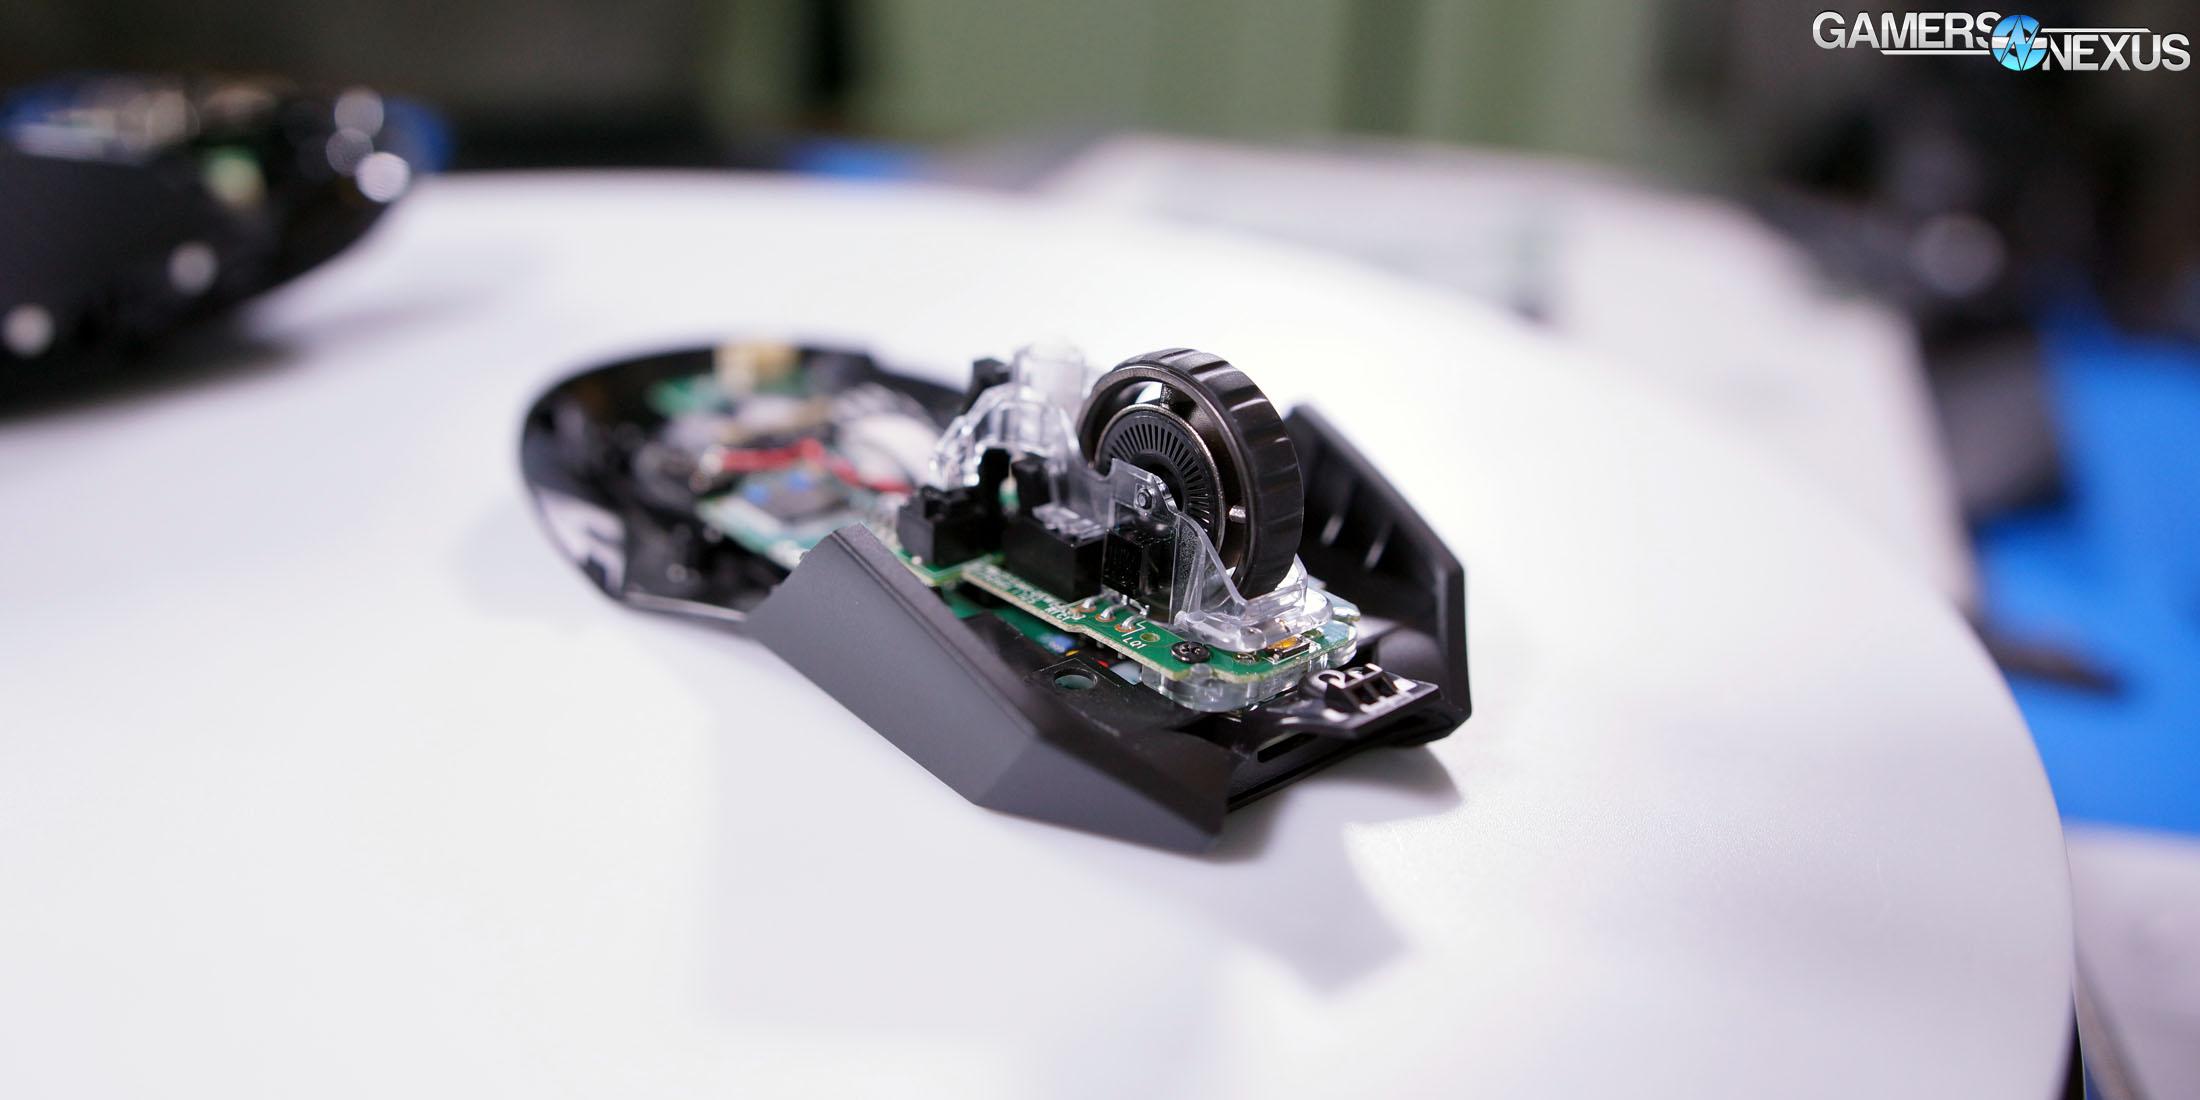 Tear-Down: Logitech G903 & Wireless Charging 'Powerplay' Mat